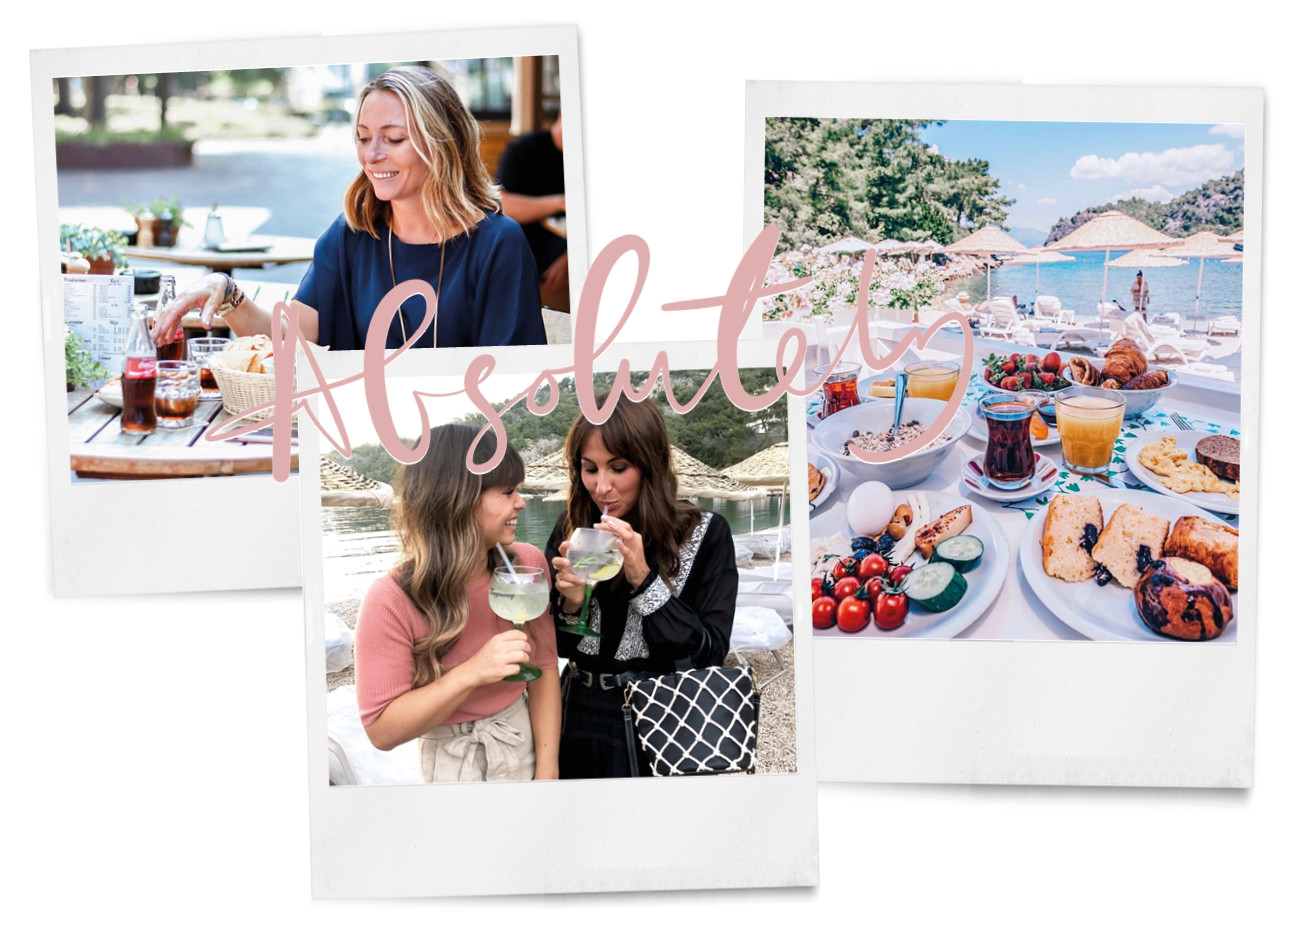 May-britt aan tafel met lekkere gerechten kiki en lilian drinken een cocktail en ontbijt bij Hillside beach resort met amayzine redactie